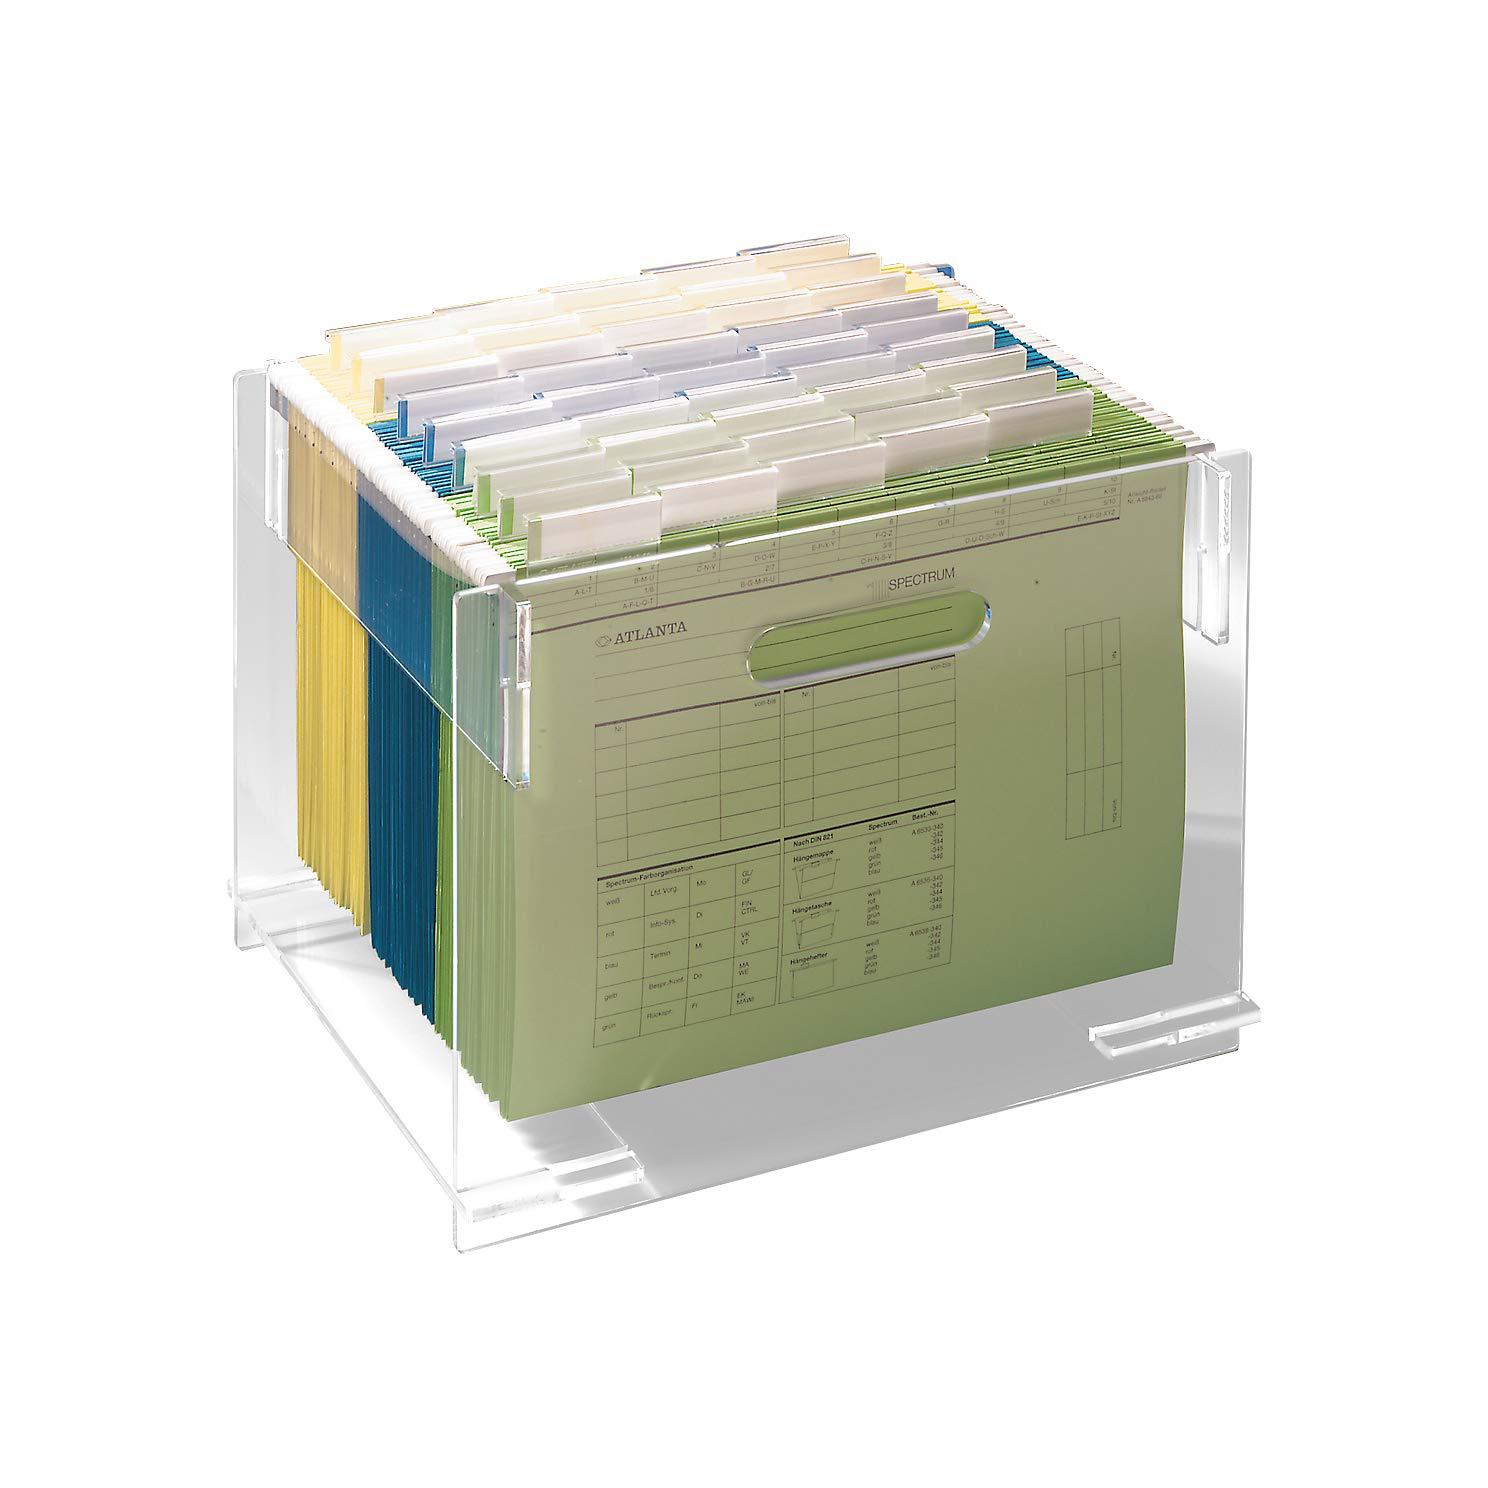 Hängemappengestell aus stabilem Acryl, für für für etwa 30 DIN A4 Mappen, glasklar B002JIID2I | New Products  71fd8c